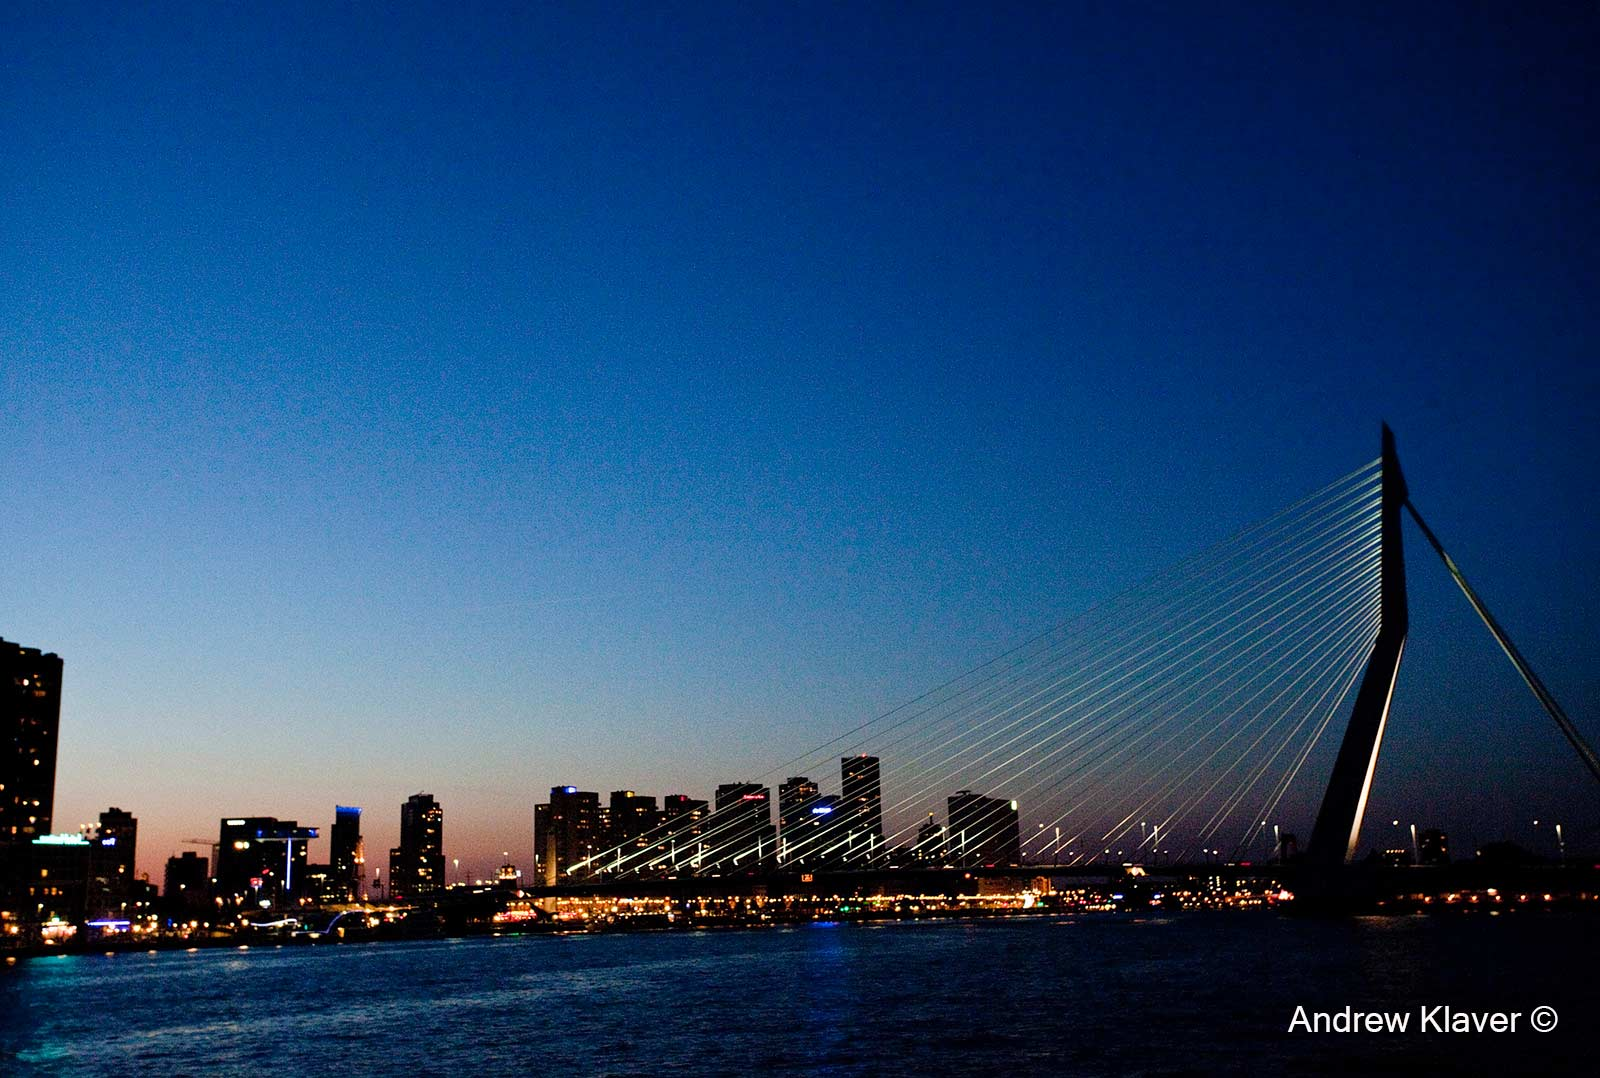 Rotterdam Erasmus Bridge, The Netherlands, 2012